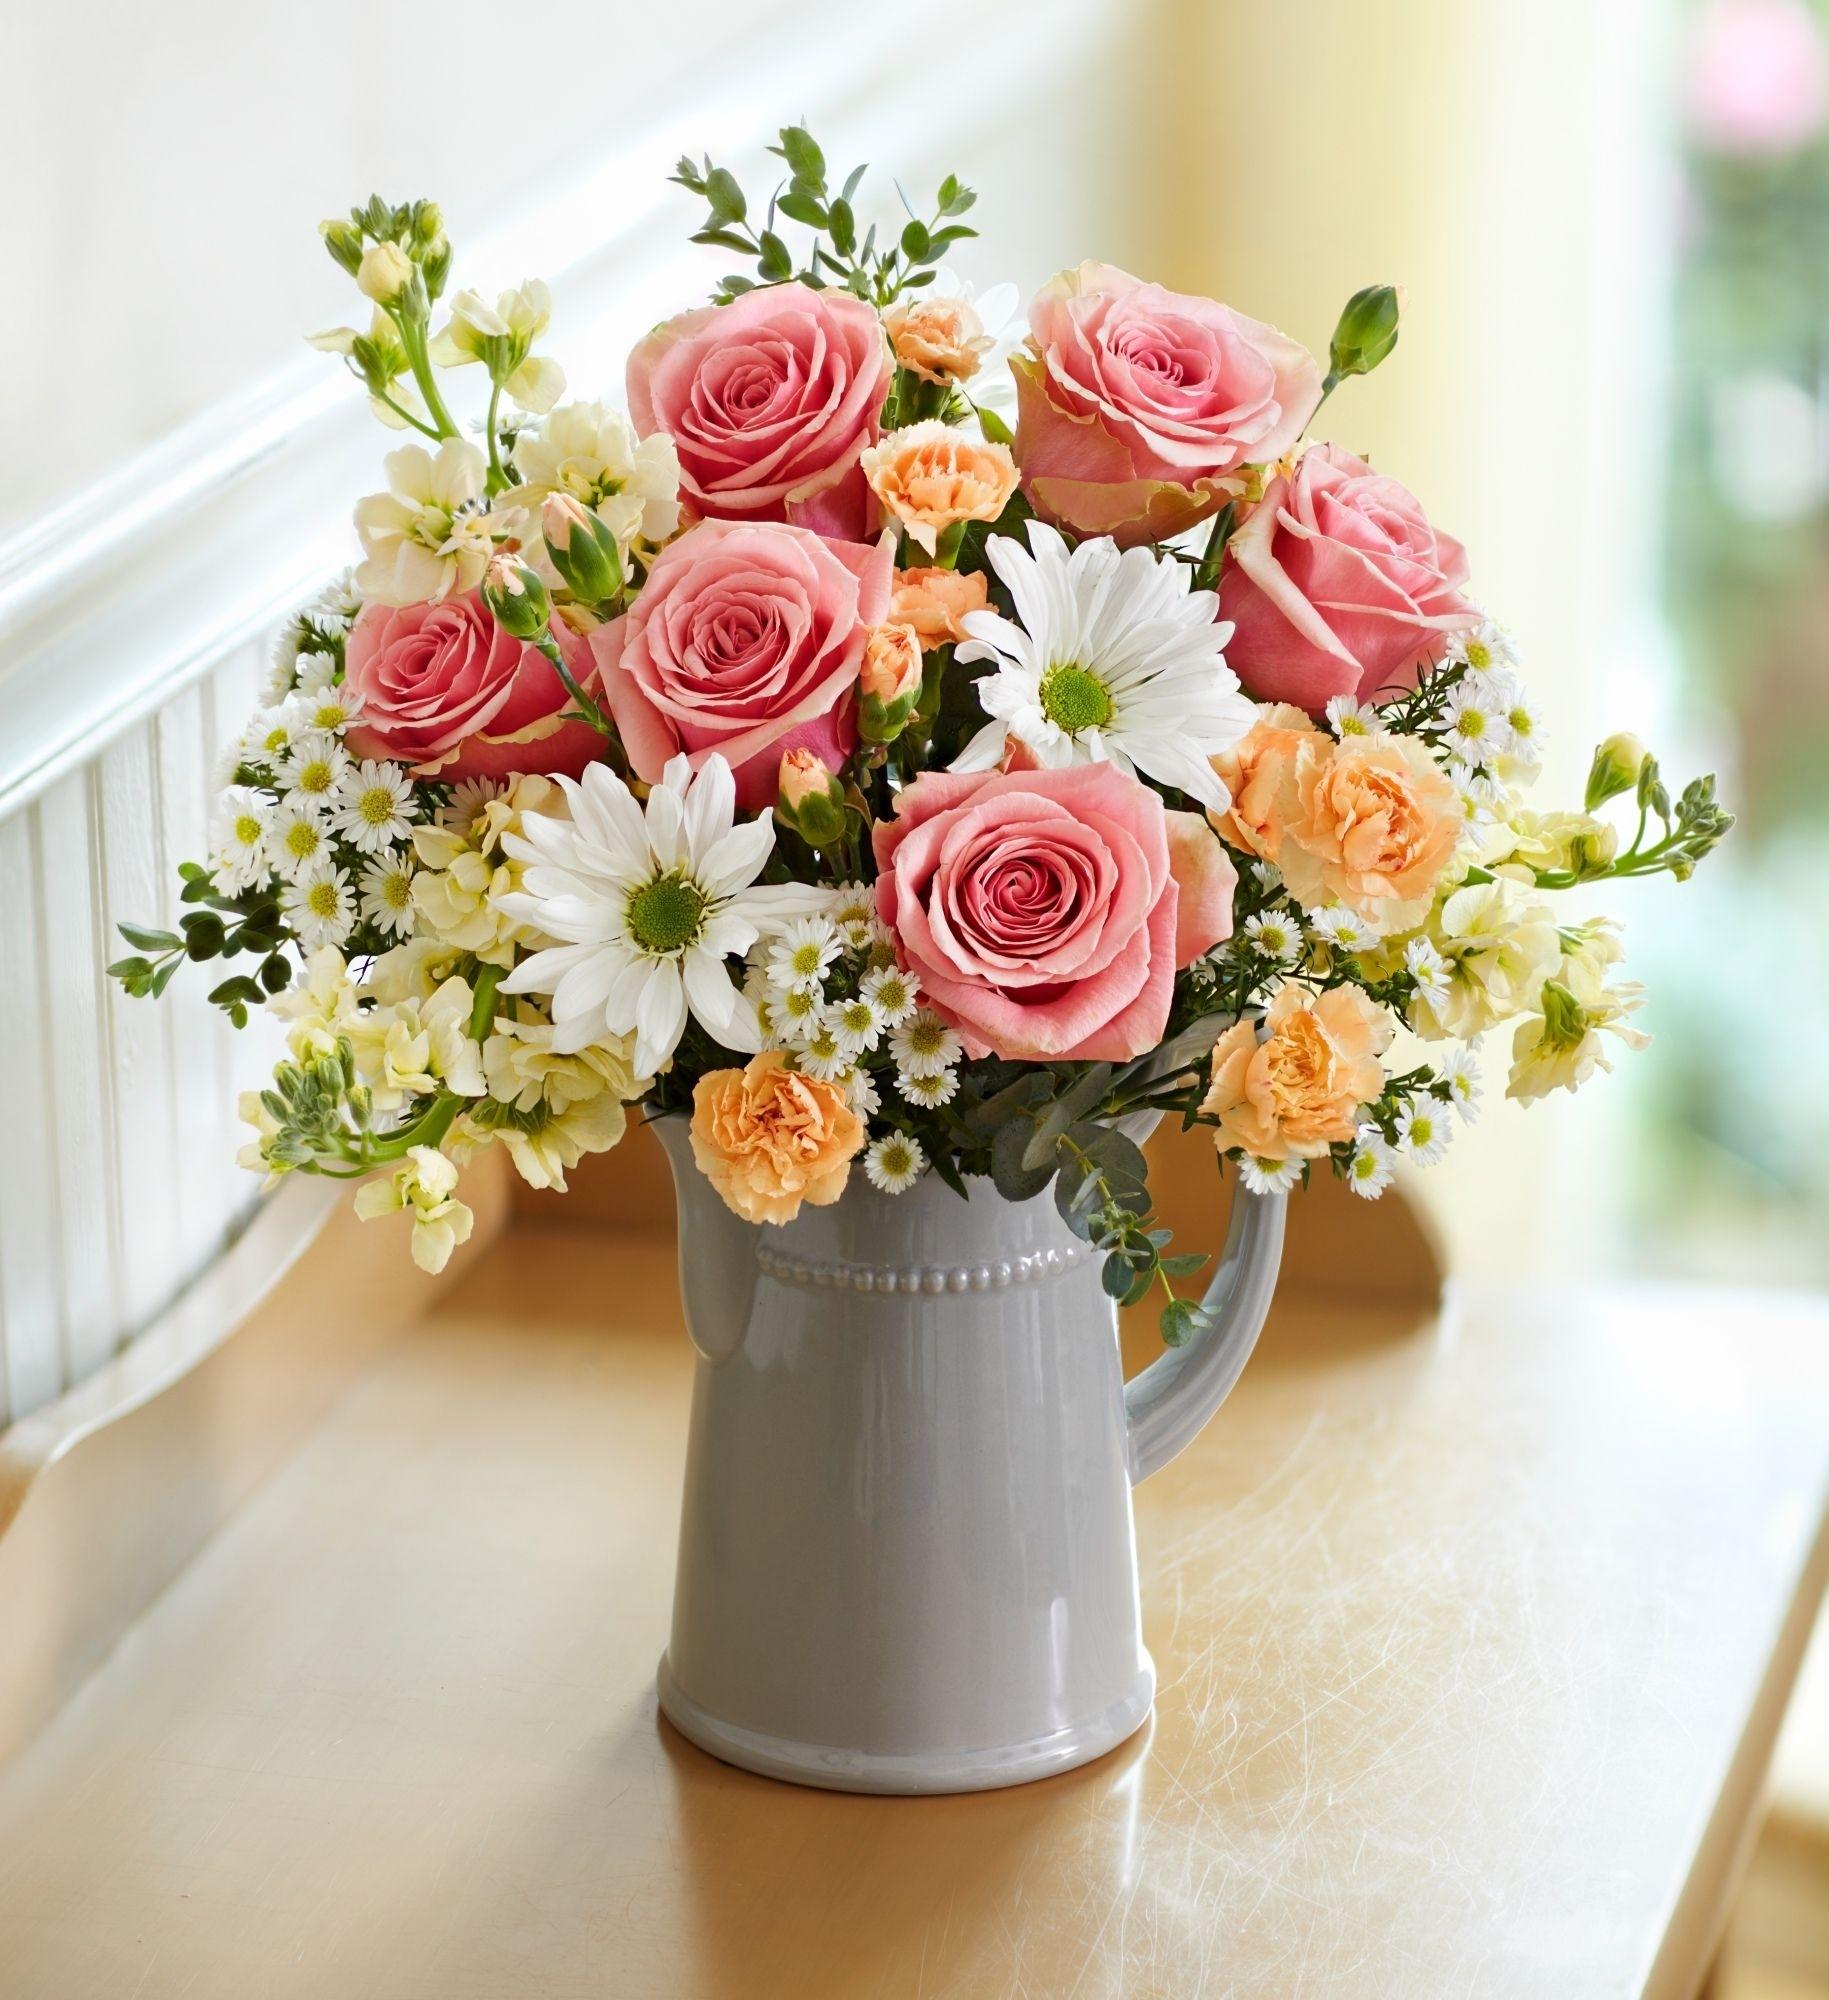 12 beautiful flower bouquets - 12 gyönyörű virágcsokor - megaport